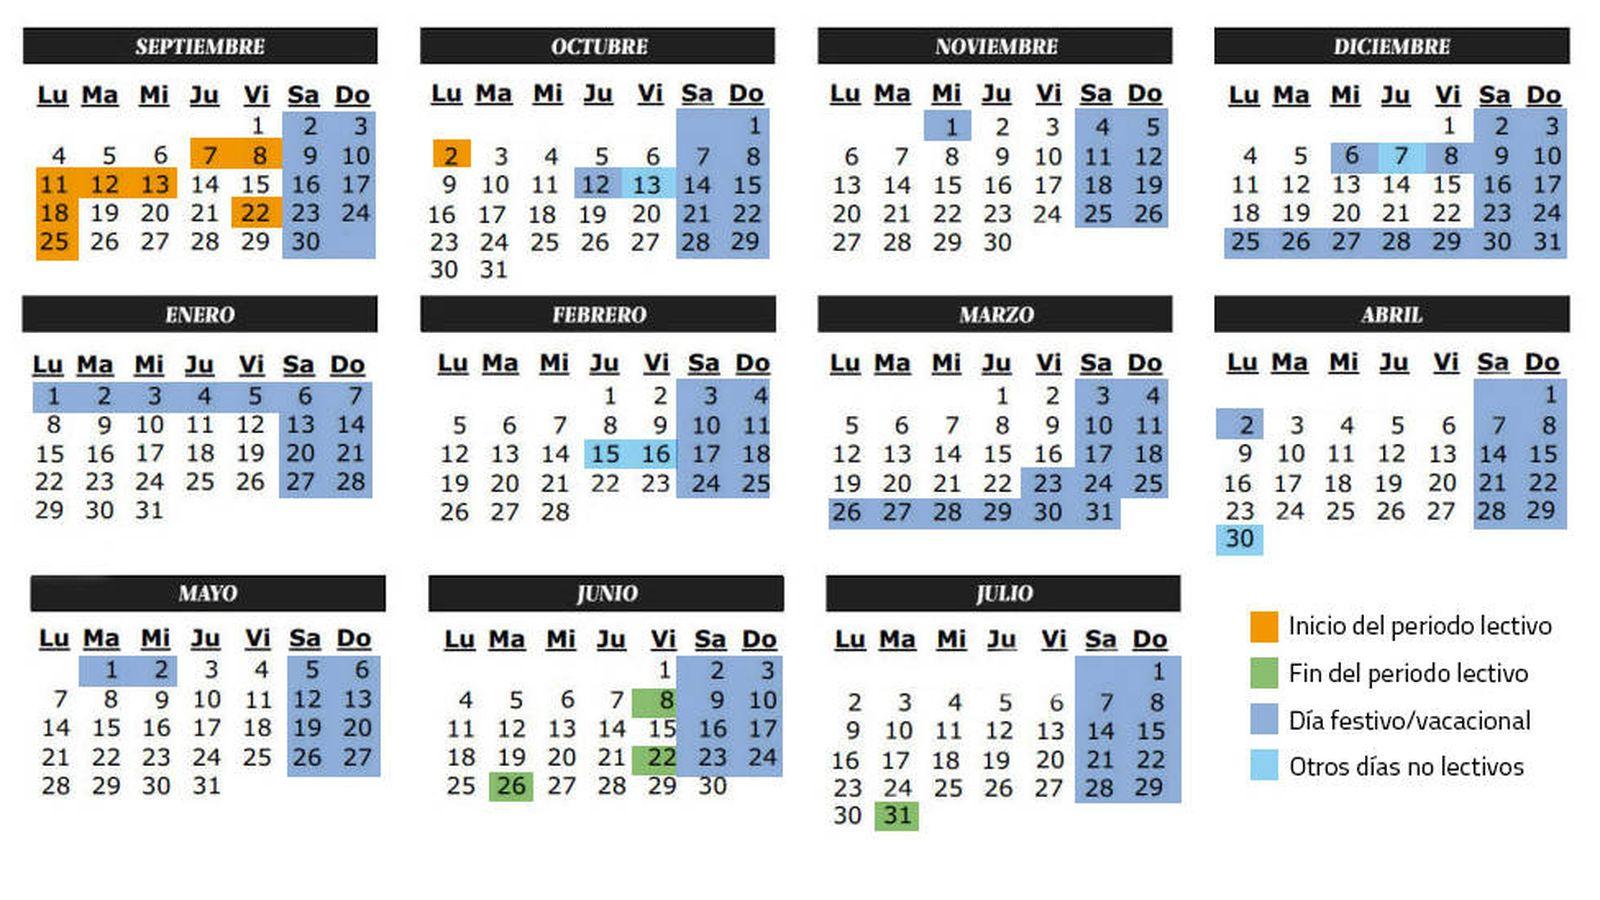 Calendario 20017.Calendario Calendario Escolar Del Curso 2017 2018 Festivos